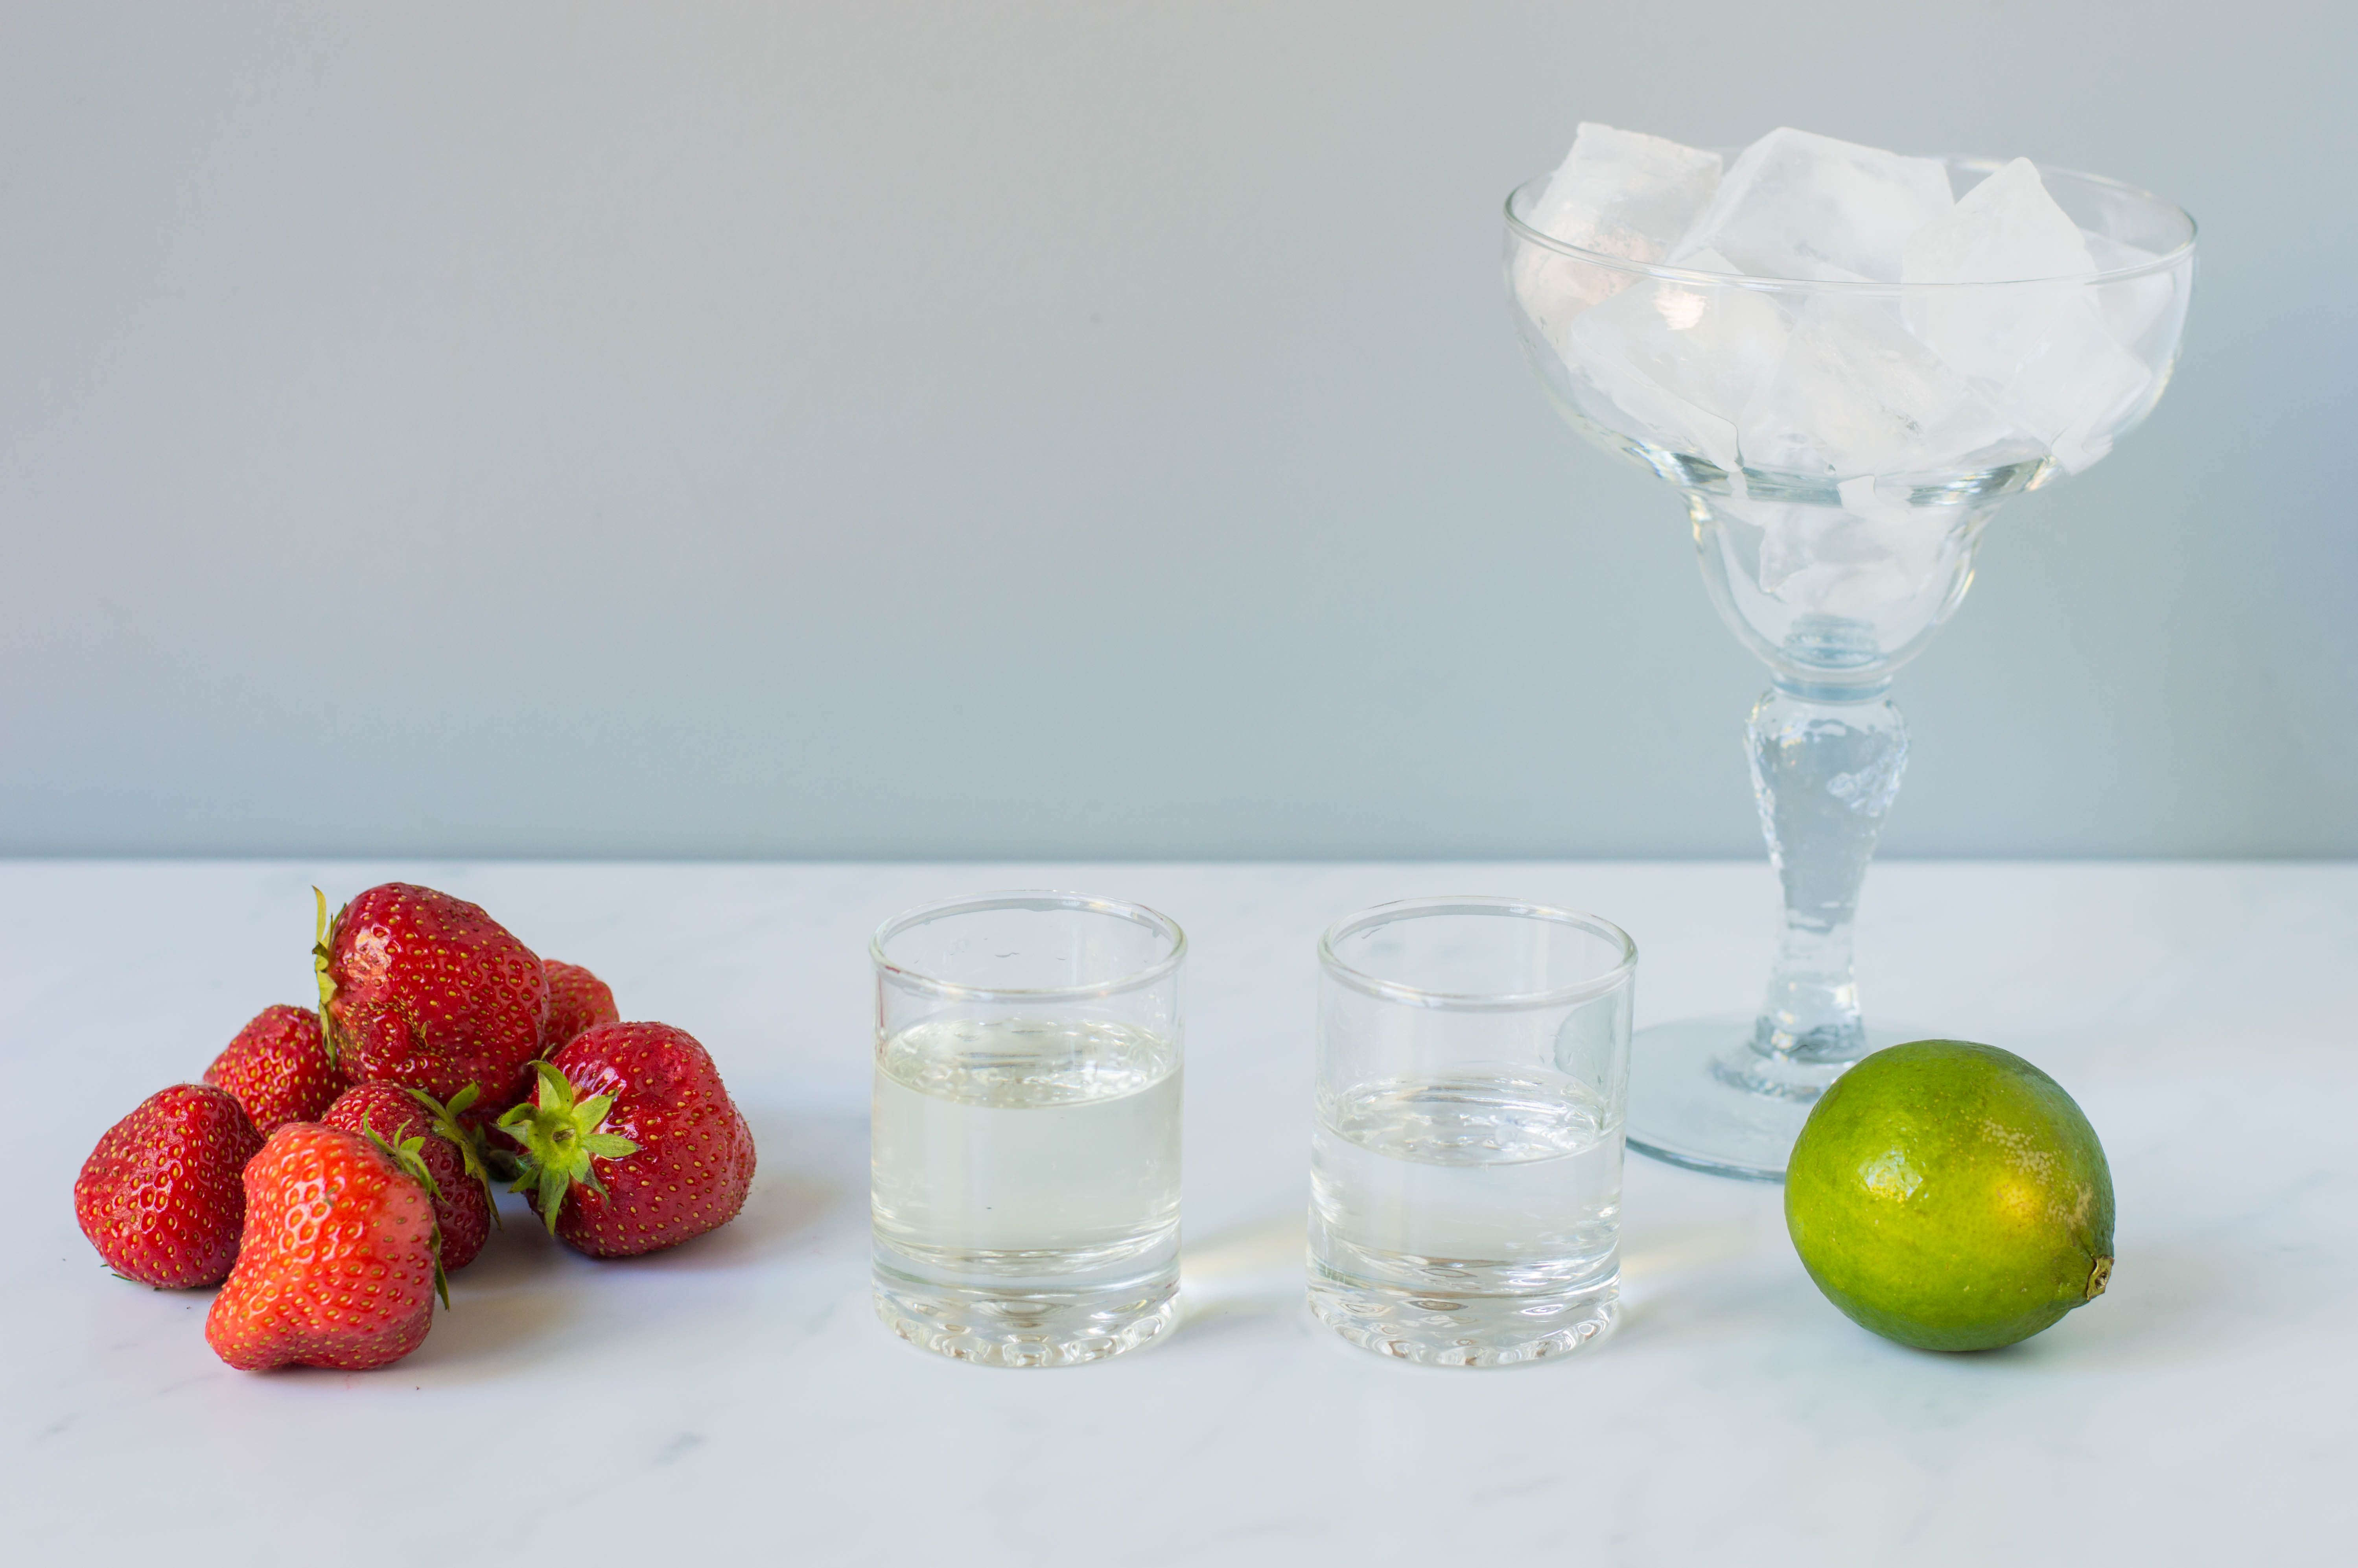 Frozen strawberry margarita ingredients